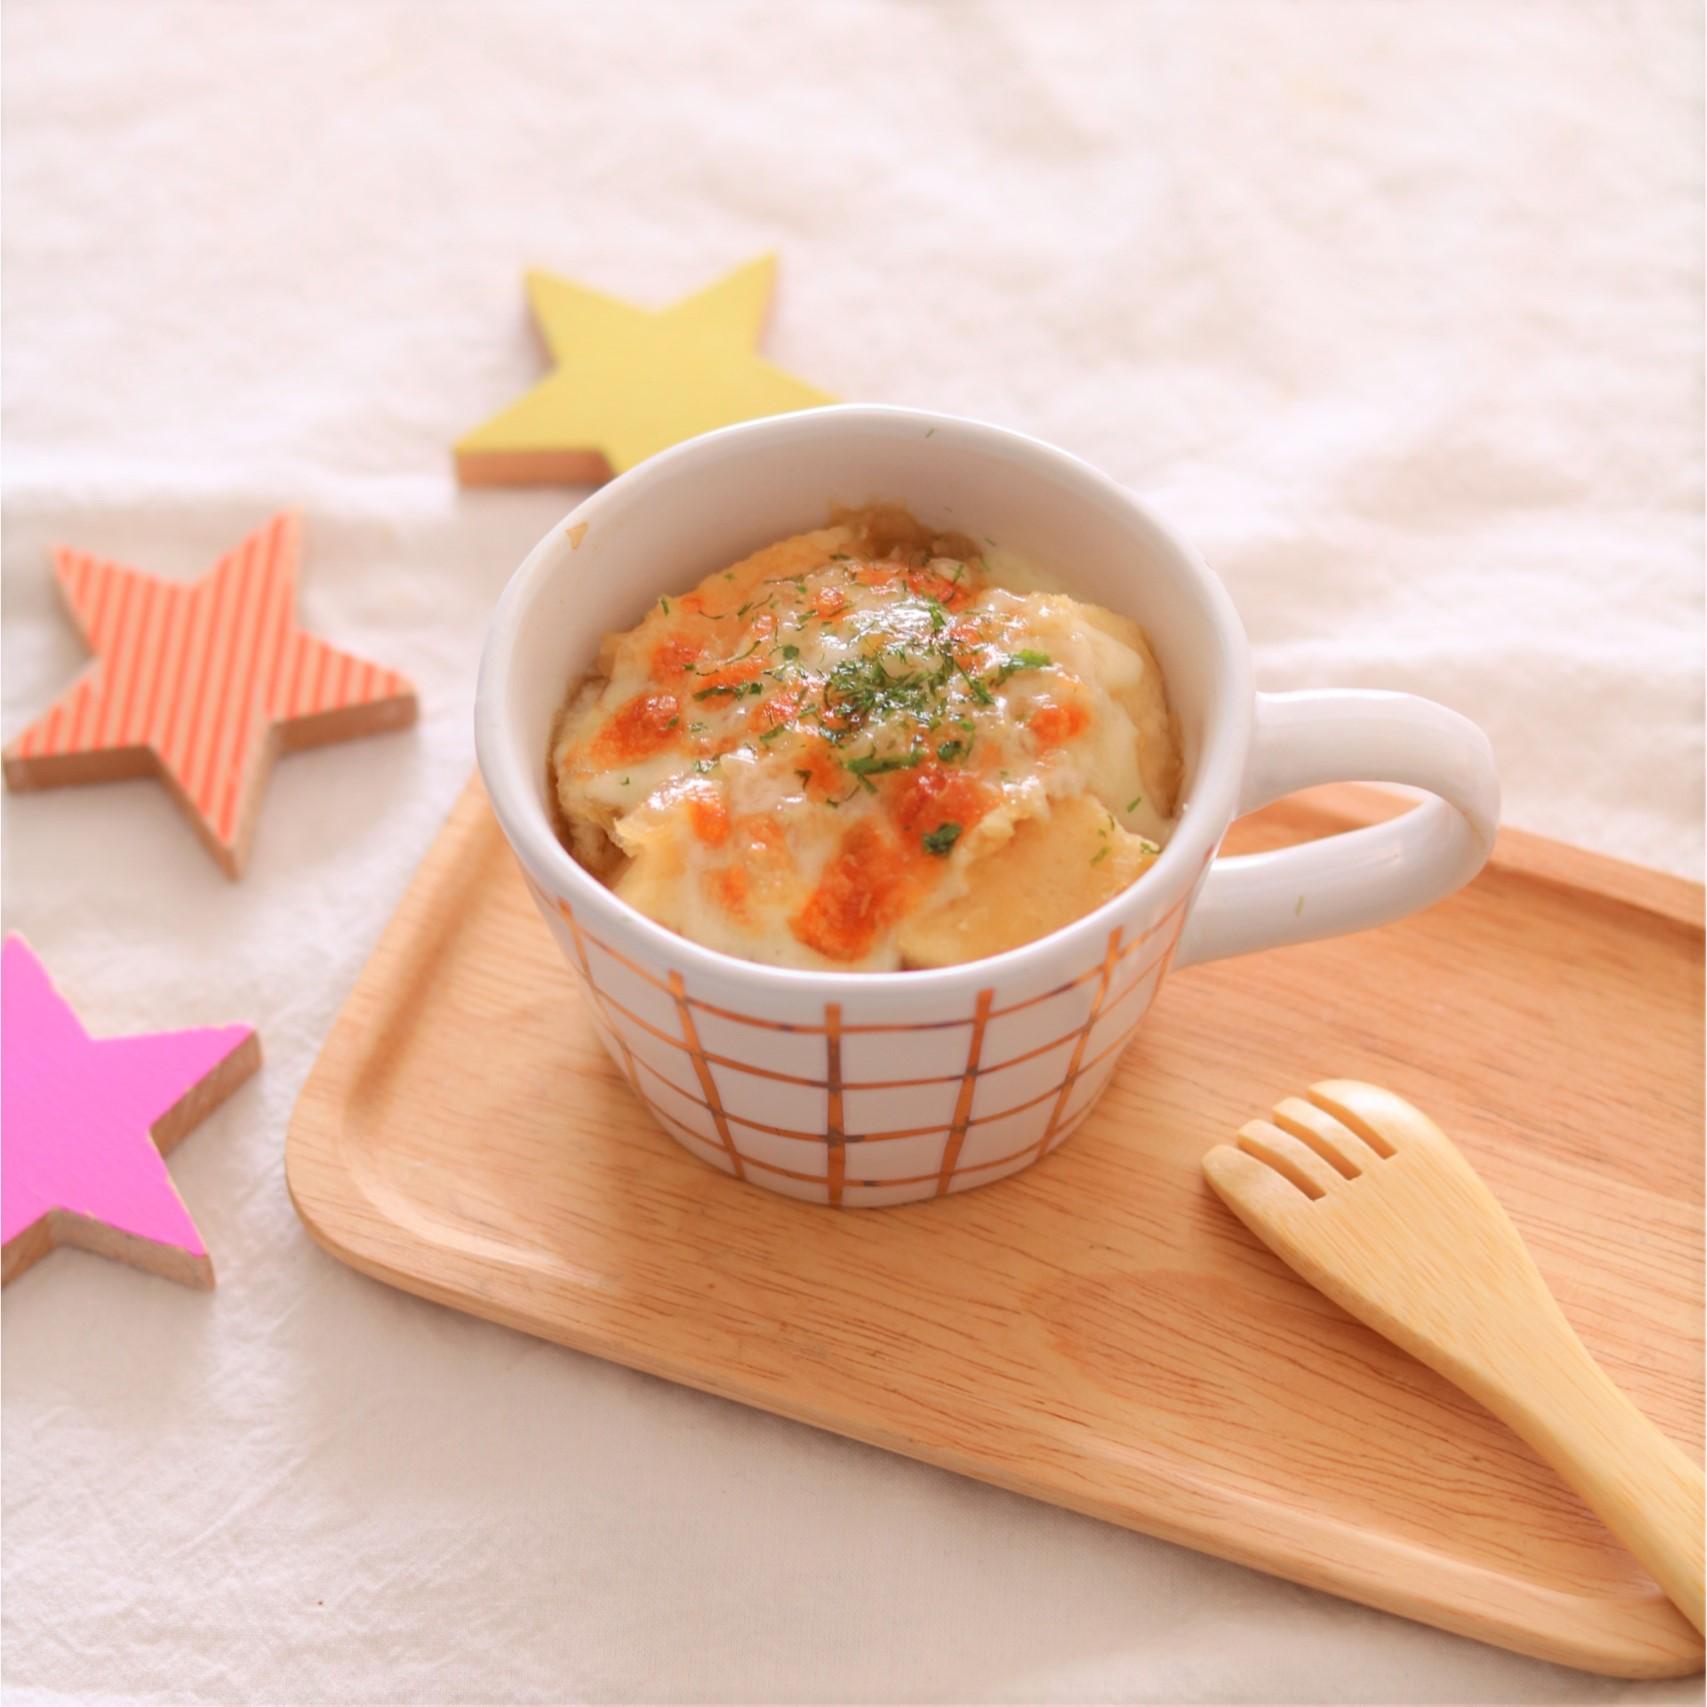 【離乳食後期】和風オニオングラタンスープ